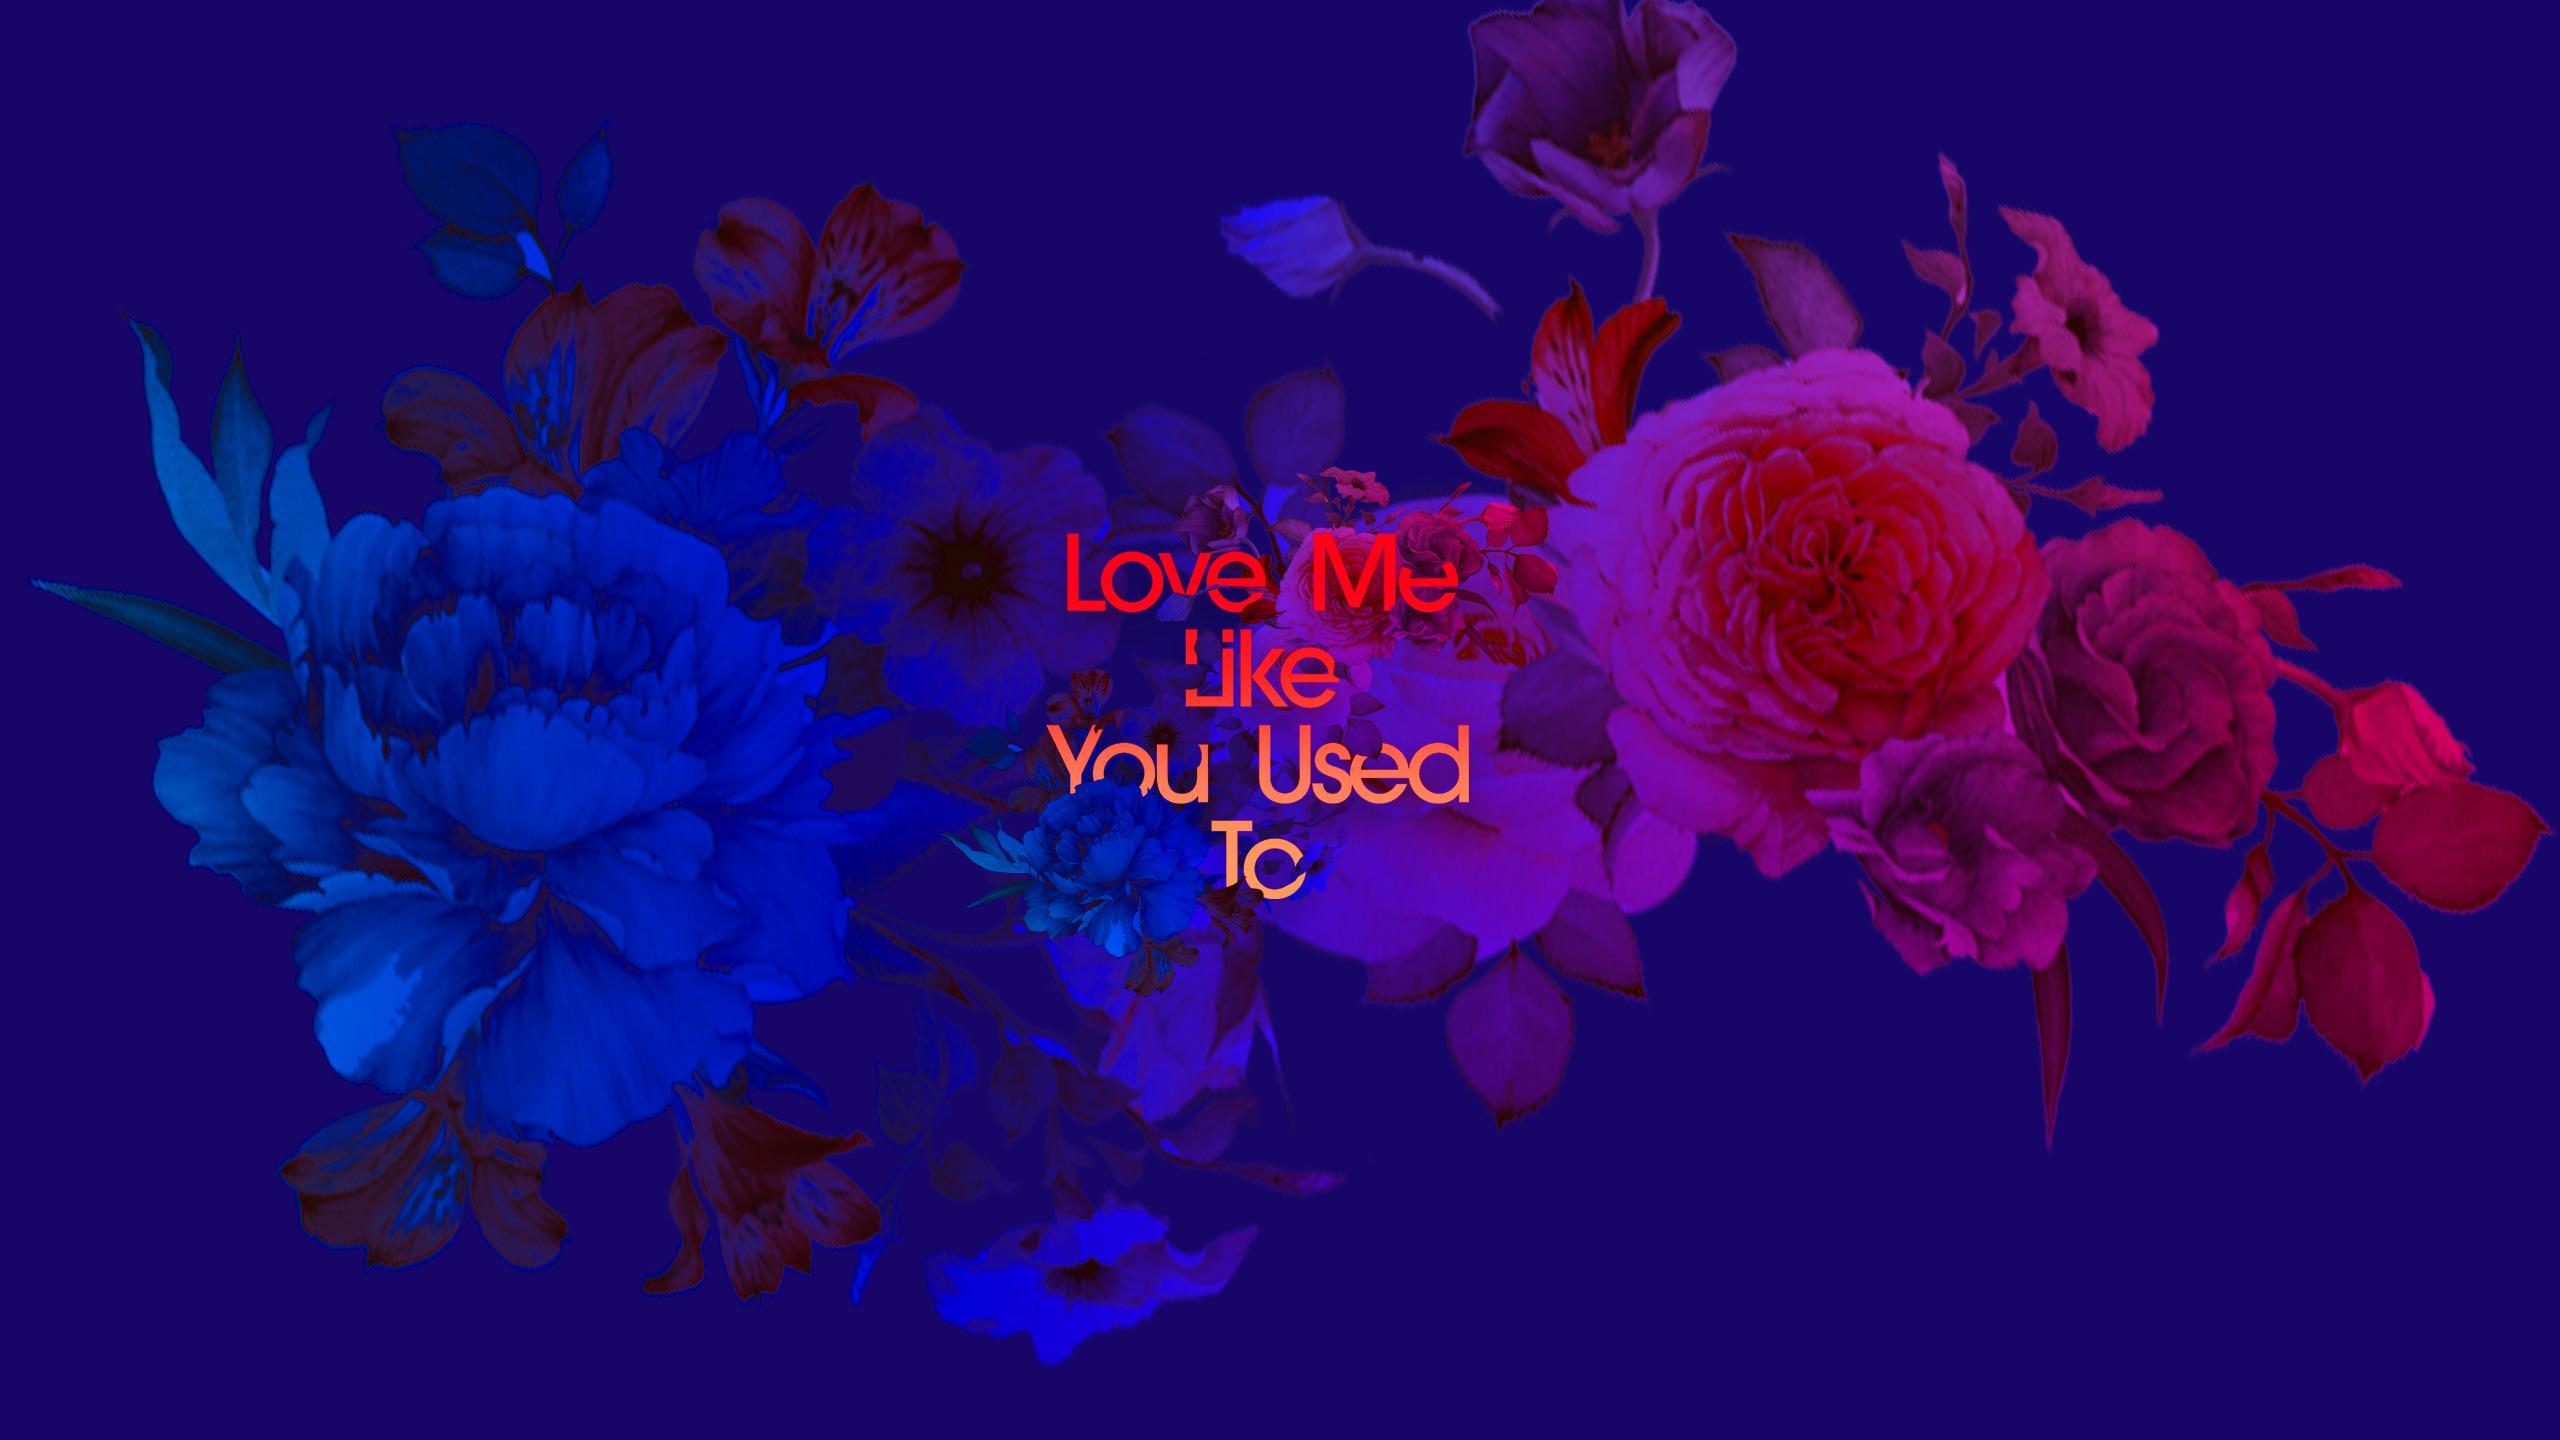 Kaskade - Love Me Like You Used To